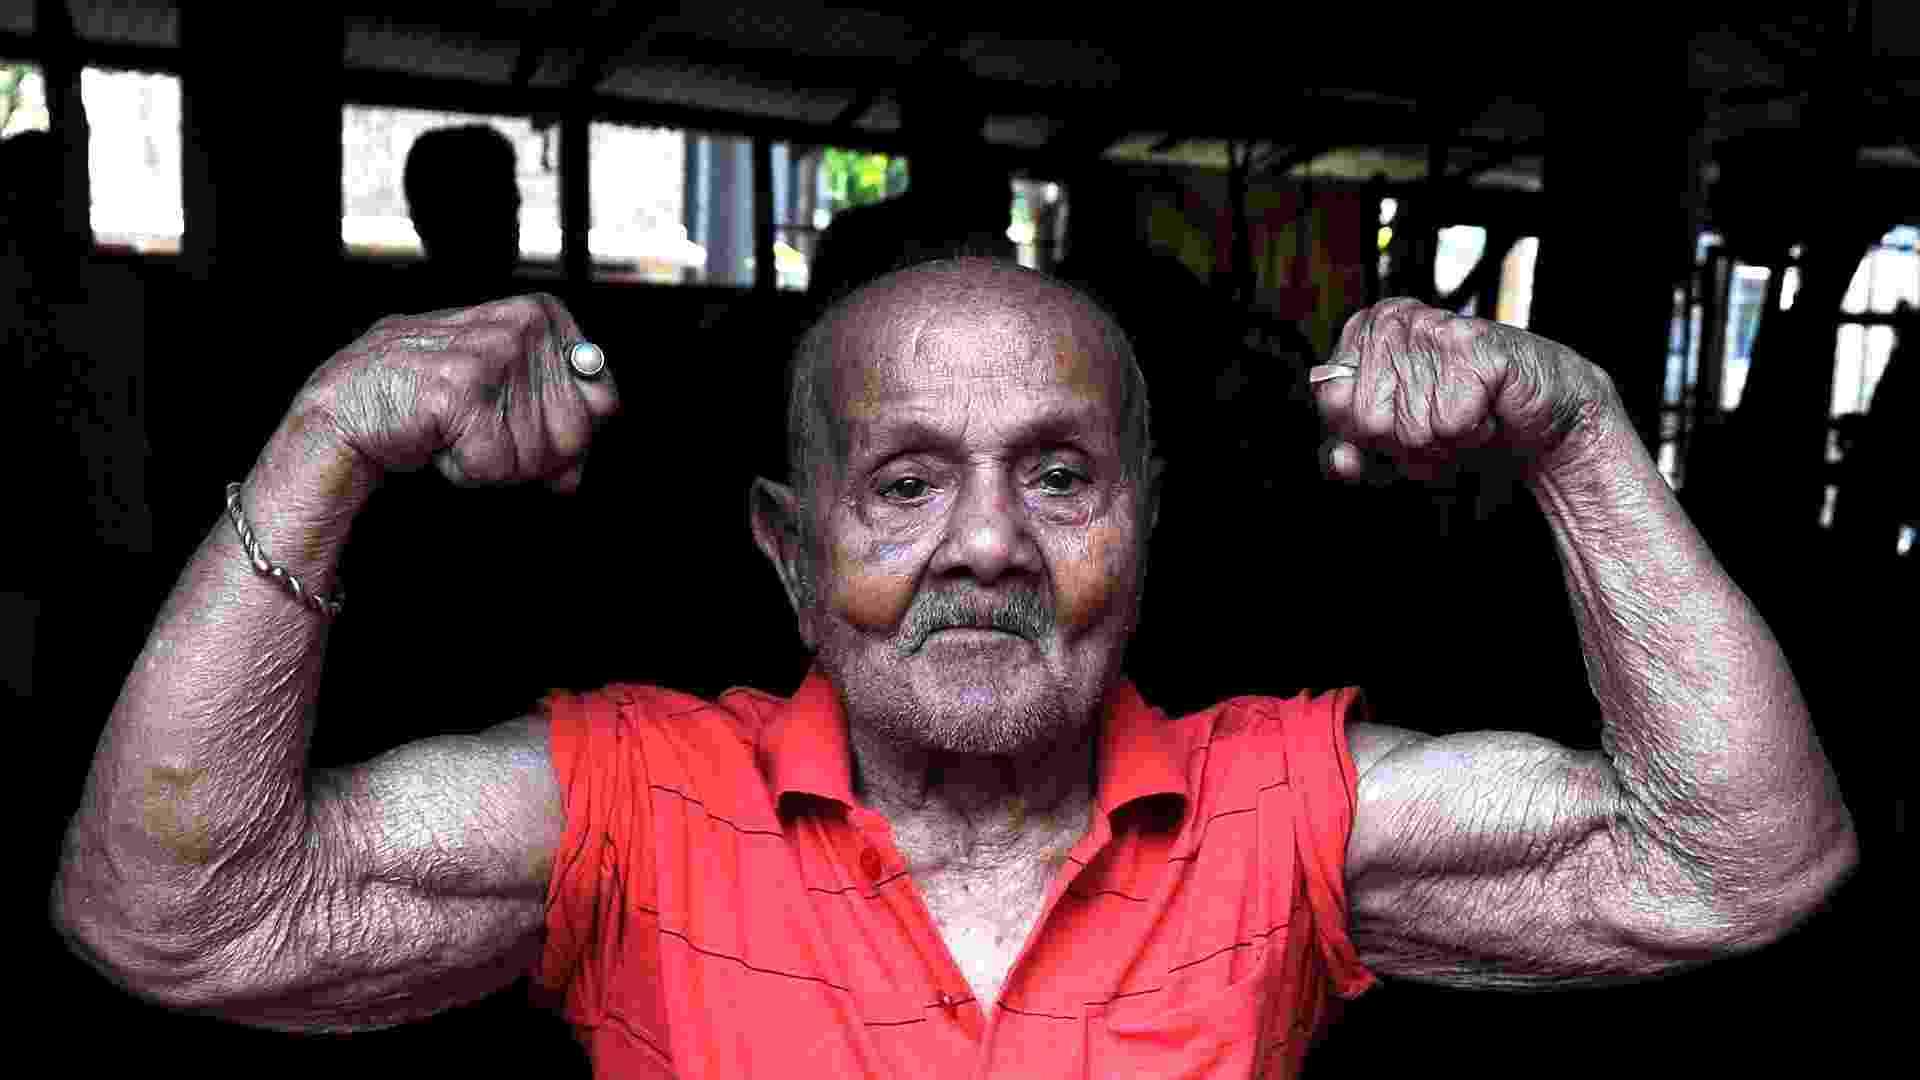 Ex- fisculturista indiano, Manohar Aich, mostra seus músculos aos 99 anos em Calcutá, Índia. Em 2013 Aich completará um século de vida. Ele tem apenas 1,50 m de altura e já conquistou o título de Mister Universo em 1952 - AFP